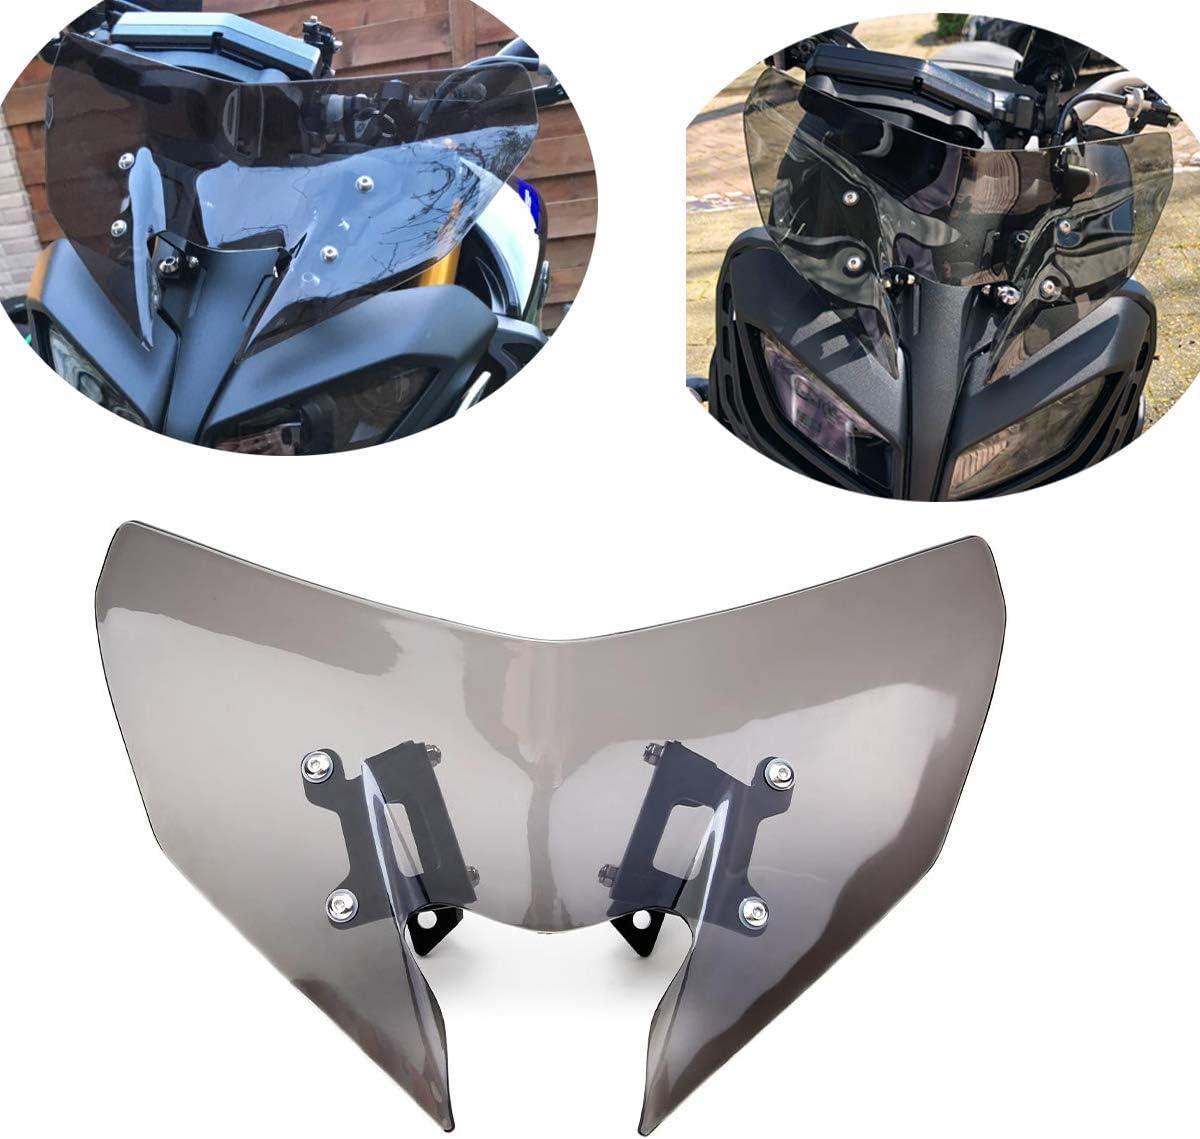 Mt09 Mt 09 Windschild Motorrad Windschutzscheibe Verkleidungsscheibe Besseren Windschutz Für Schutz Des Kühlers Kompatibel Mit Mt 09 Mt09 Mt 09 Fz09 Fz 09 2017 2019 Auto